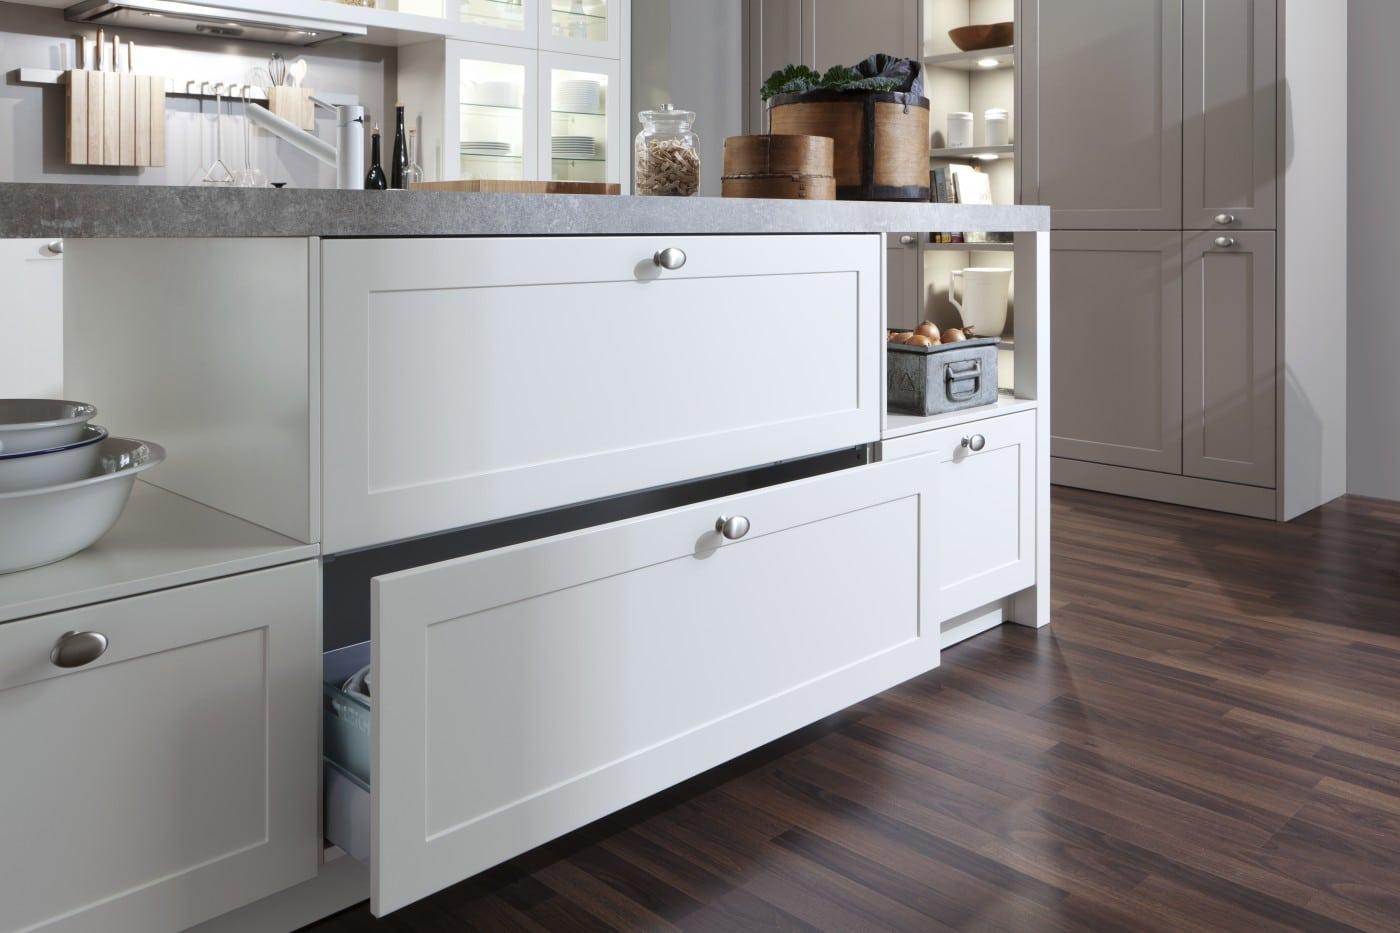 LEICHT Carre FS Kitchens Luxury Contemporary Kitchen From Elan